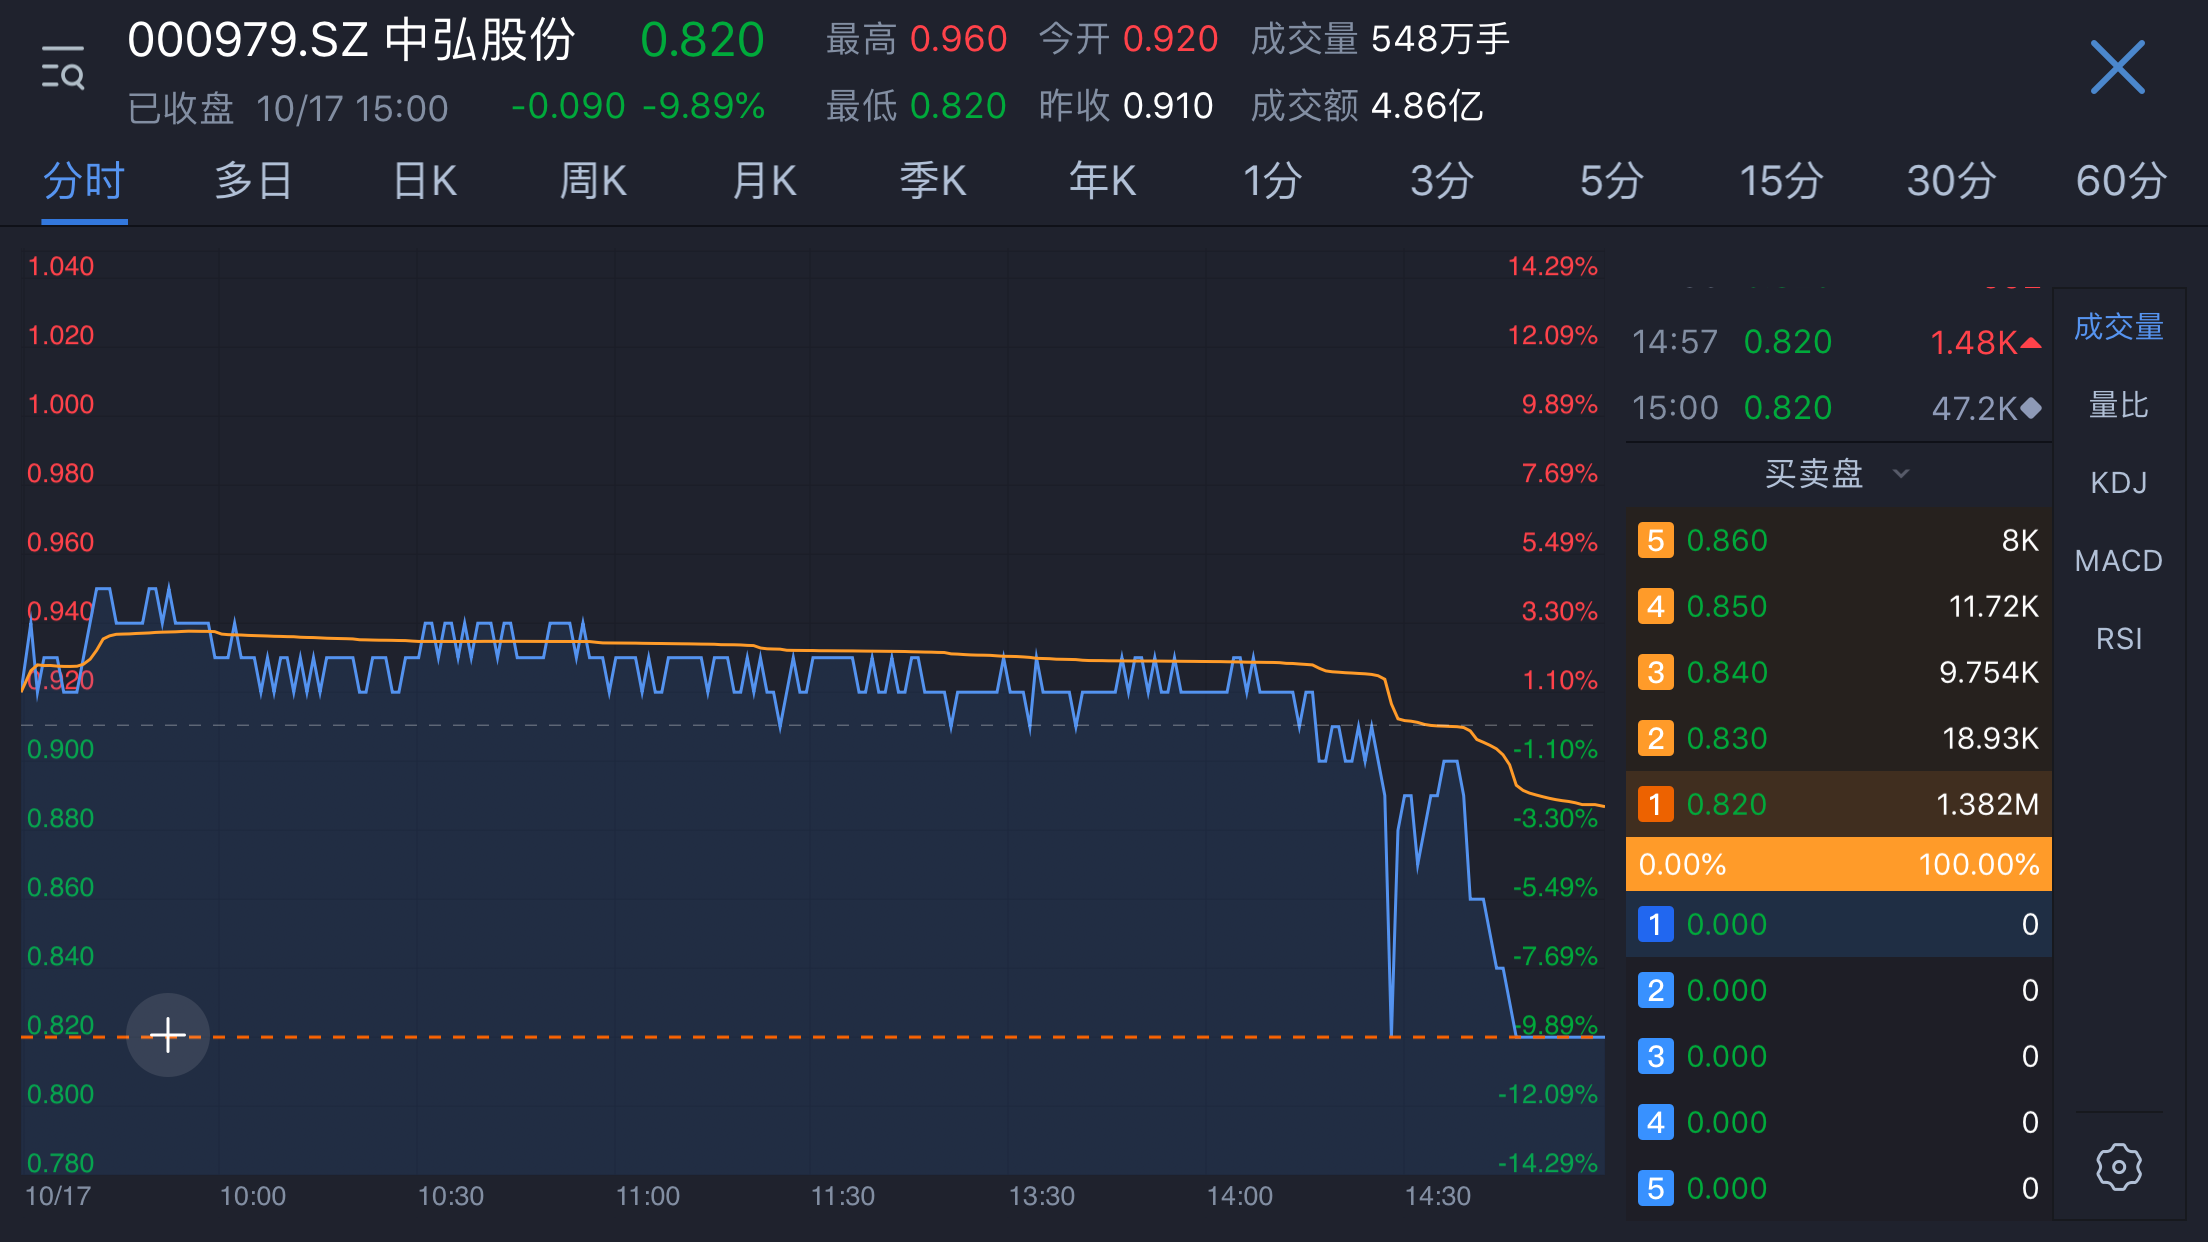 中弘股份连续19日股价低于1元 或成首只退市股票-中国网地产